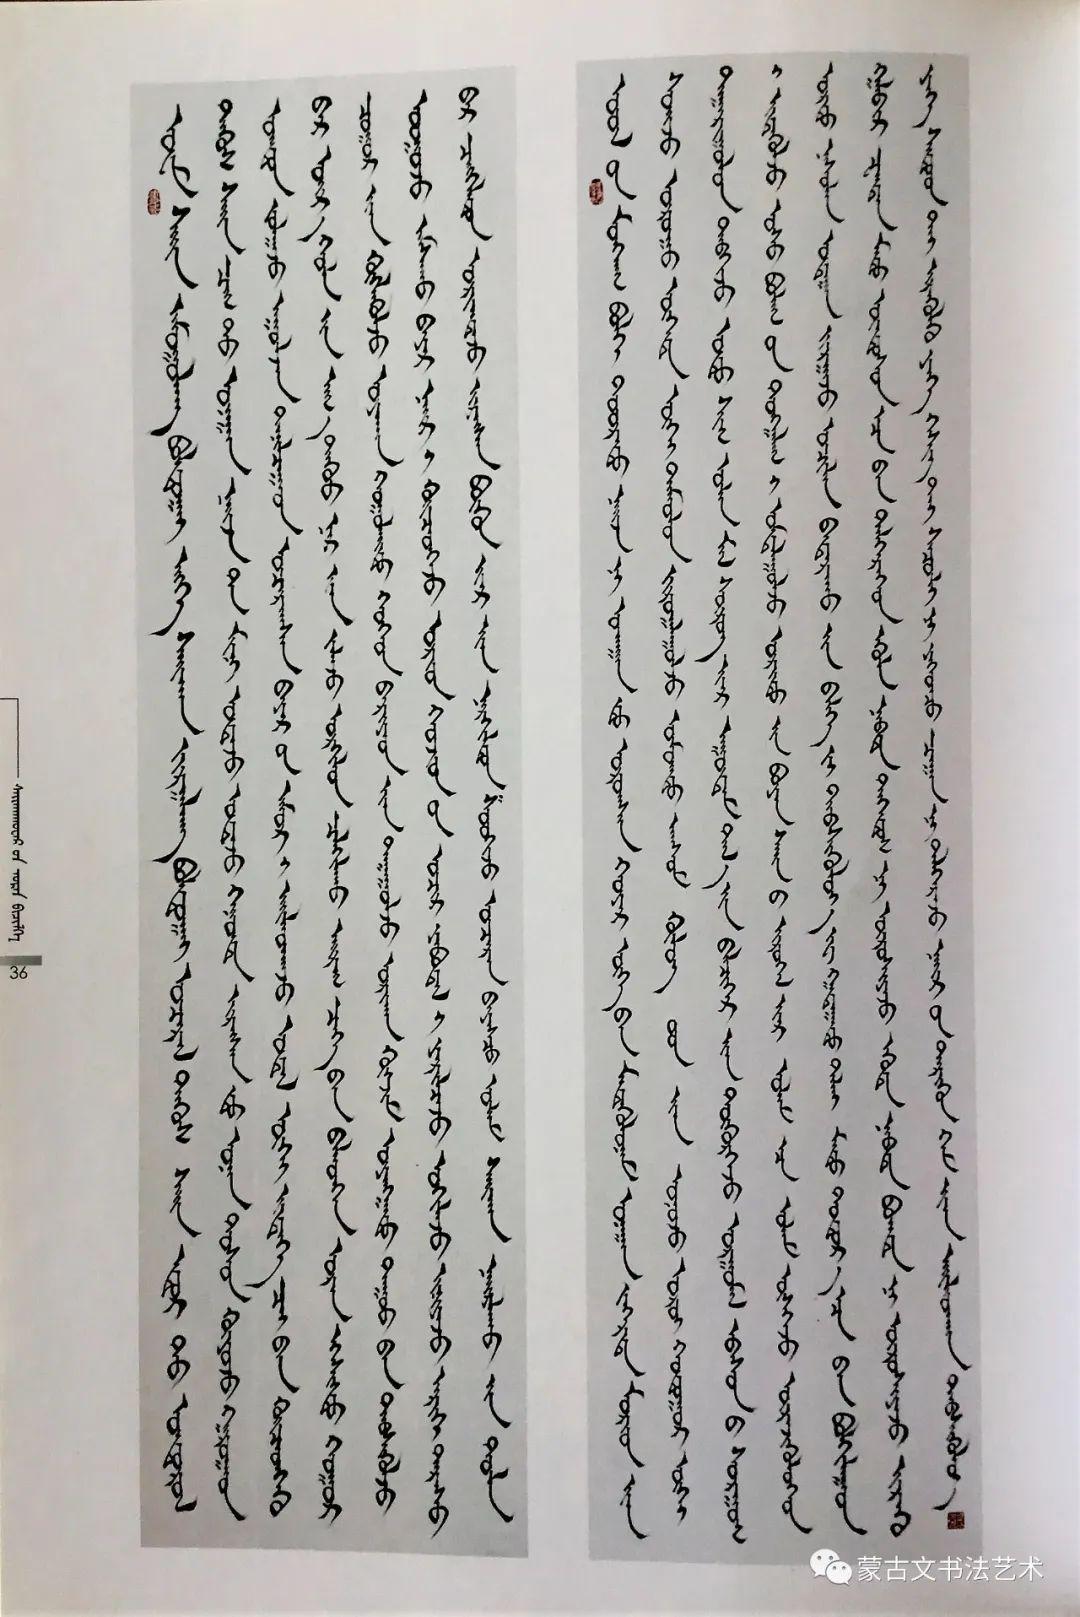 包赛音花《传奇奈曼-包赛音花蒙古文书法》 第13张 包赛音花《传奇奈曼-包赛音花蒙古文书法》 蒙古书法